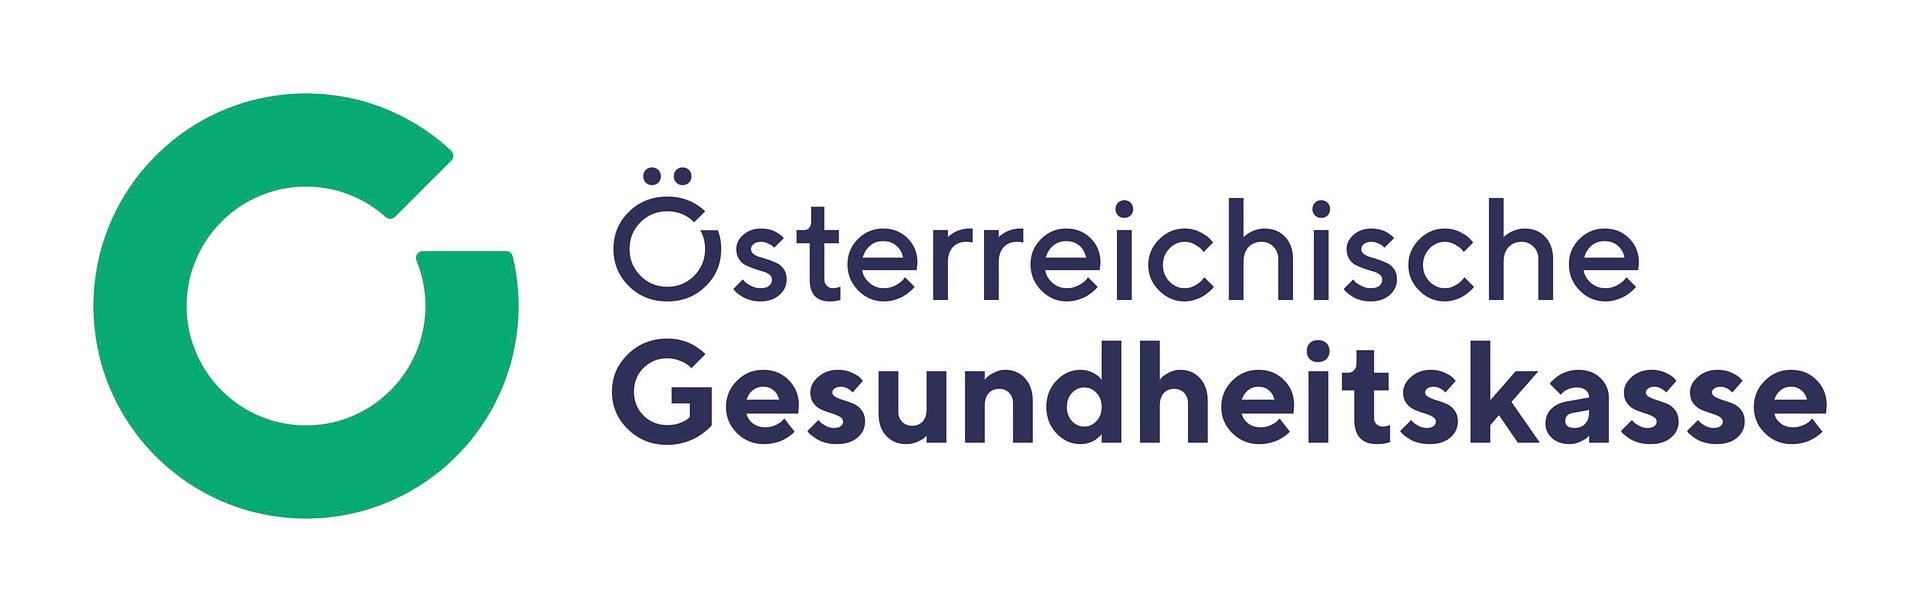 Österreichische Gesundheitskasse